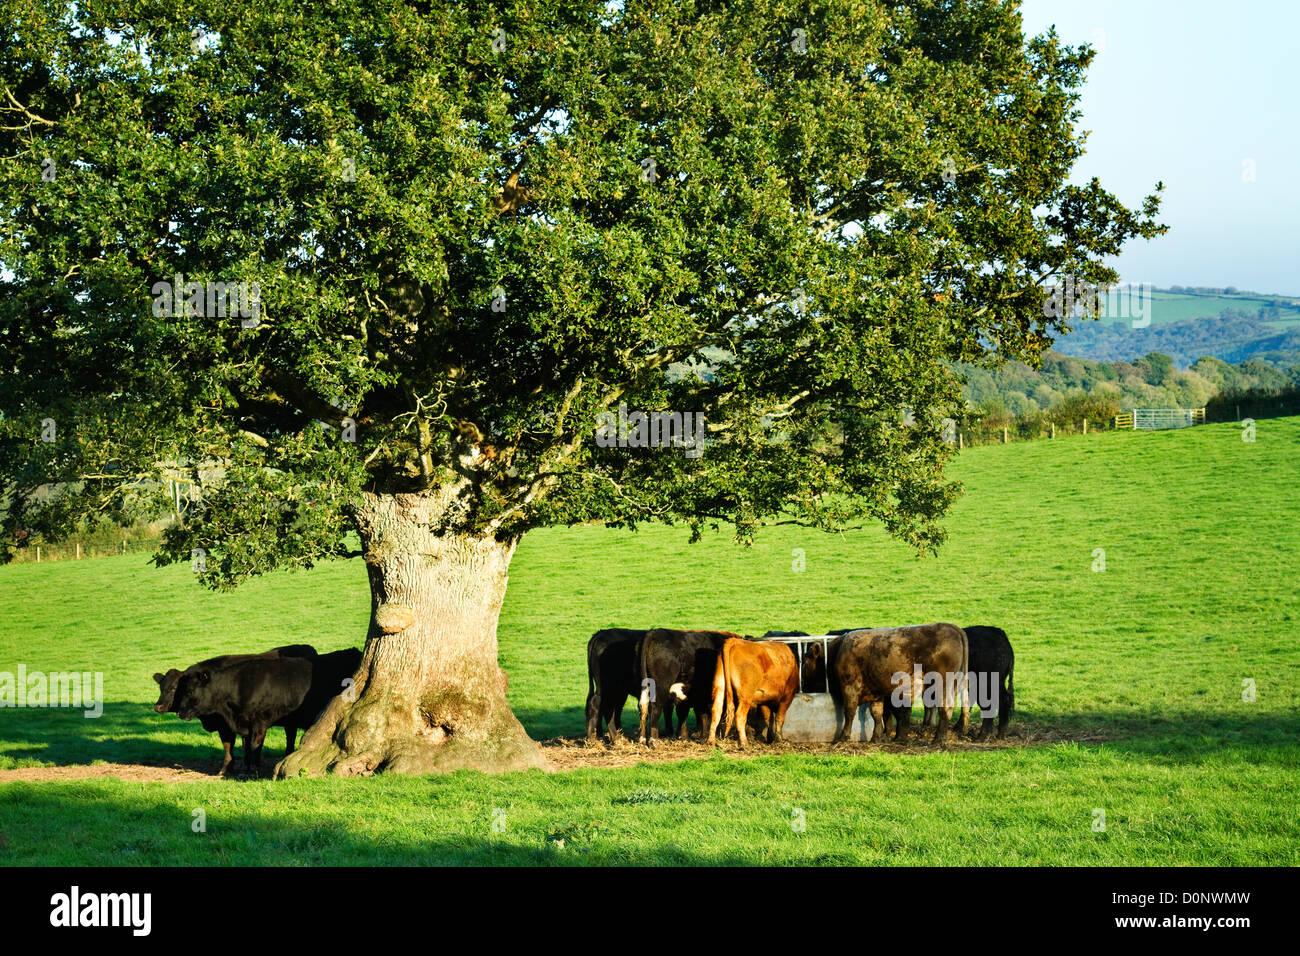 ^ Silage Feeding Stock Photos & Silage Feeding Stock Images - lamy